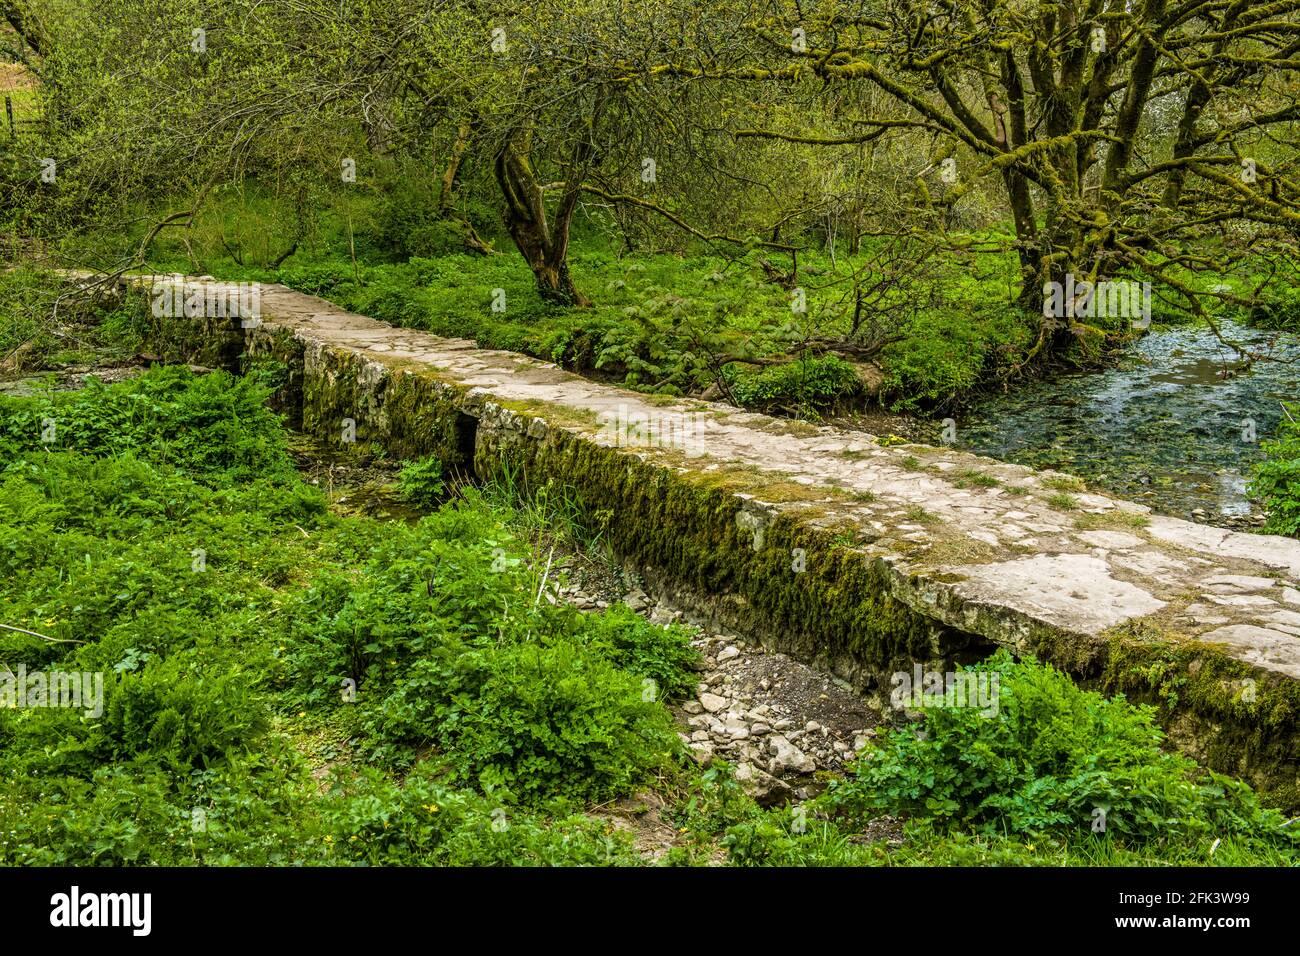 Un puente Clapper en la pequeña aldea de Castle upon Alun en el valle de Glamorgan al sur de Gales Foto de stock